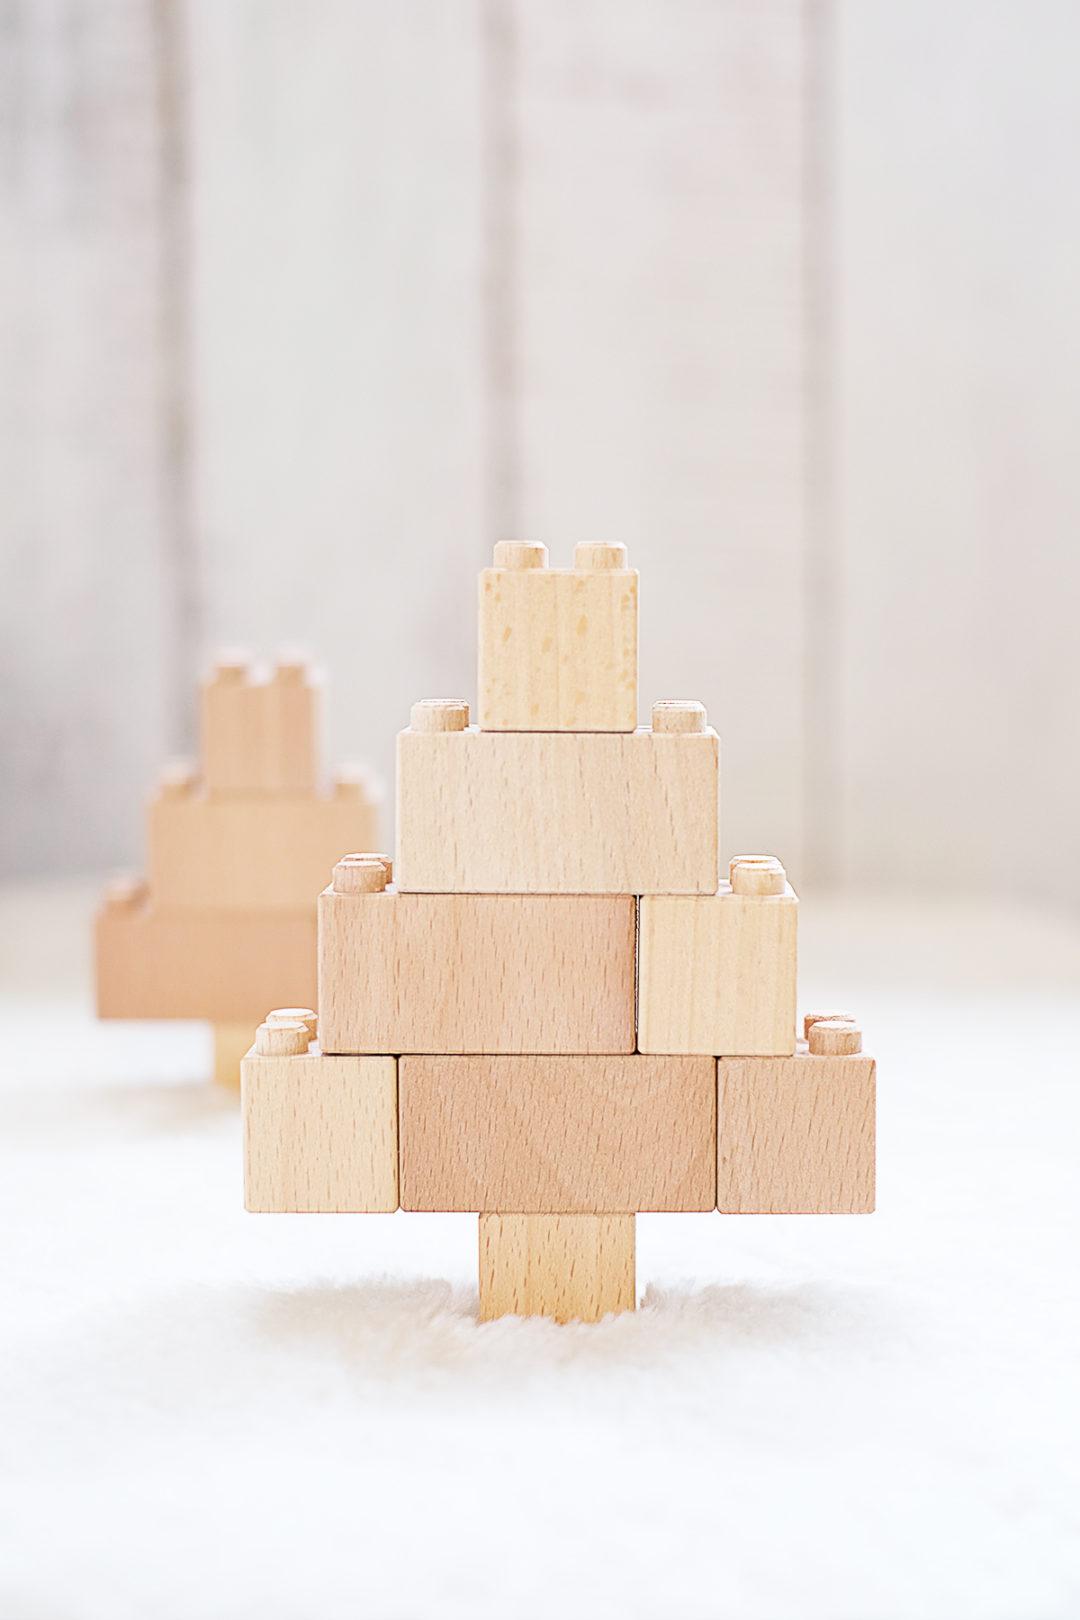 DIYnachten Türchen 23 bena Holzbausteine vorgestellt von Gingered Things